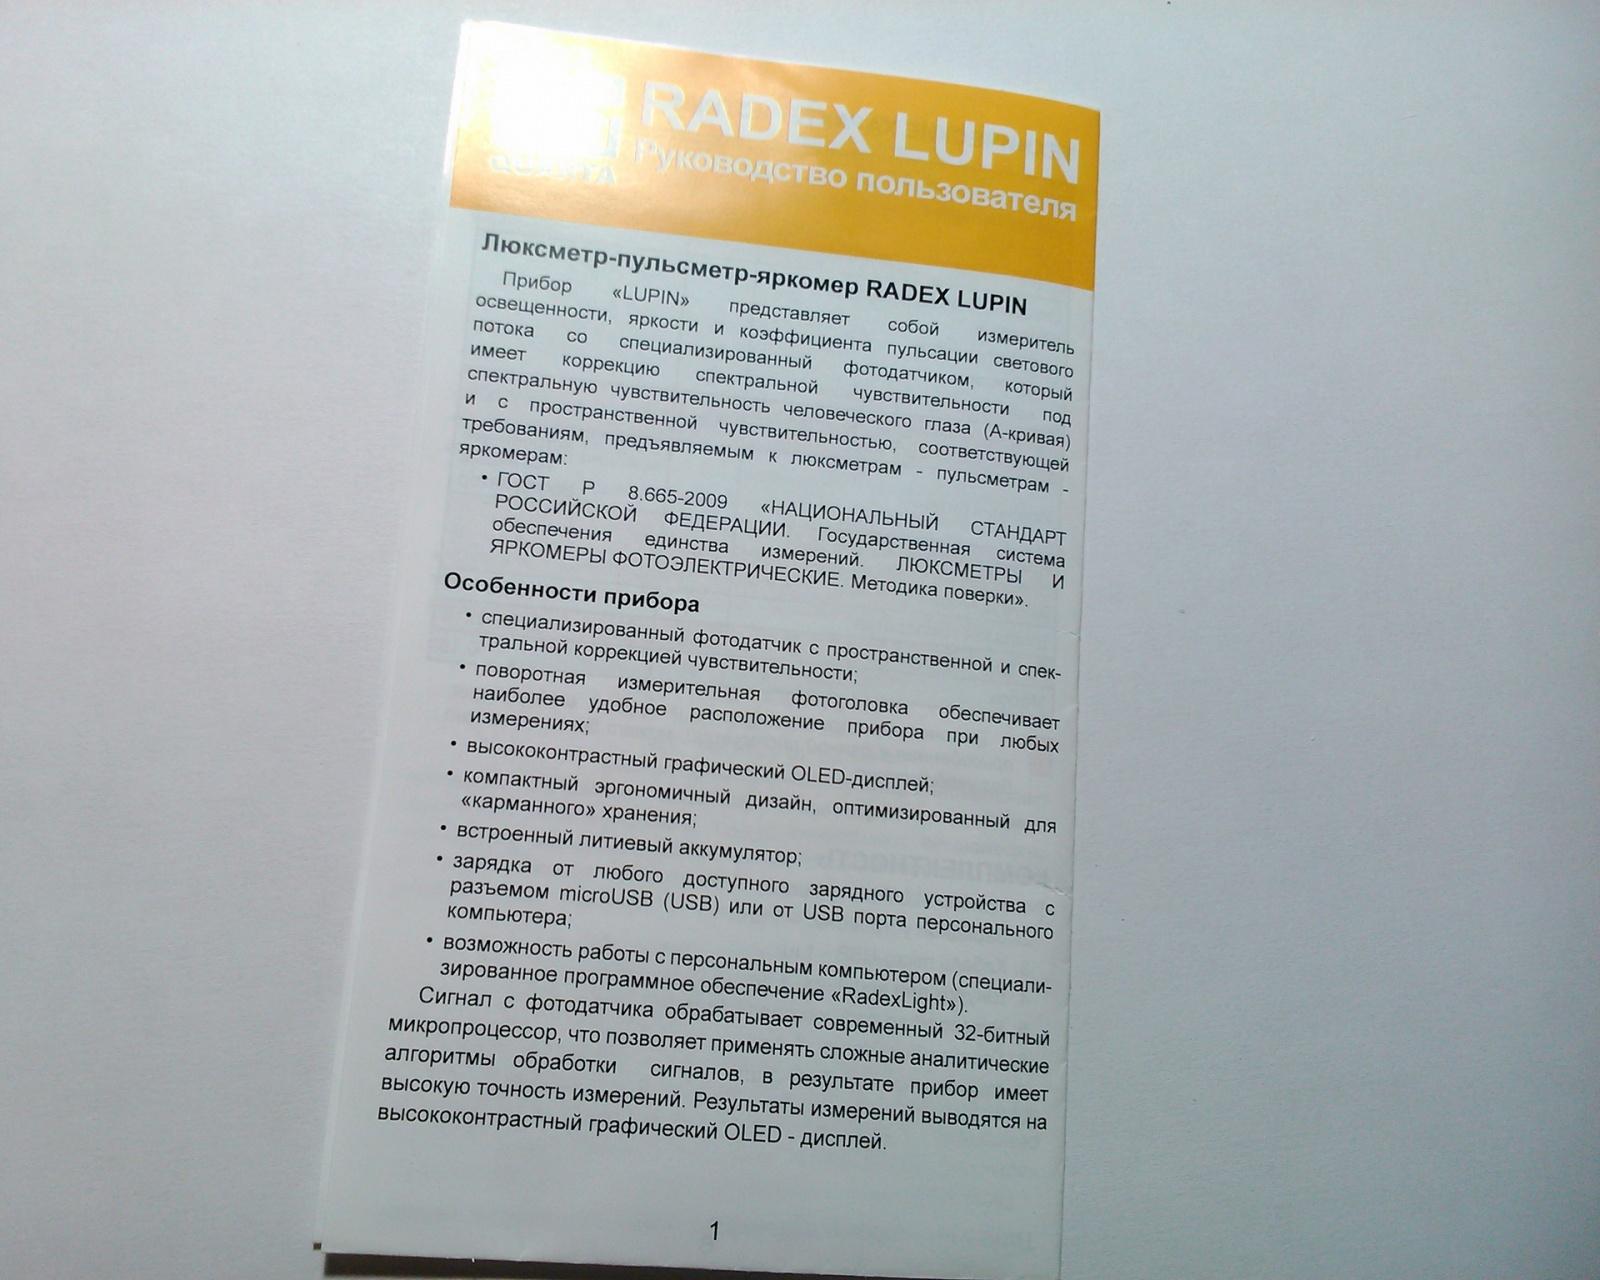 Radex Lupin: Когда свет можно посчитать - 10